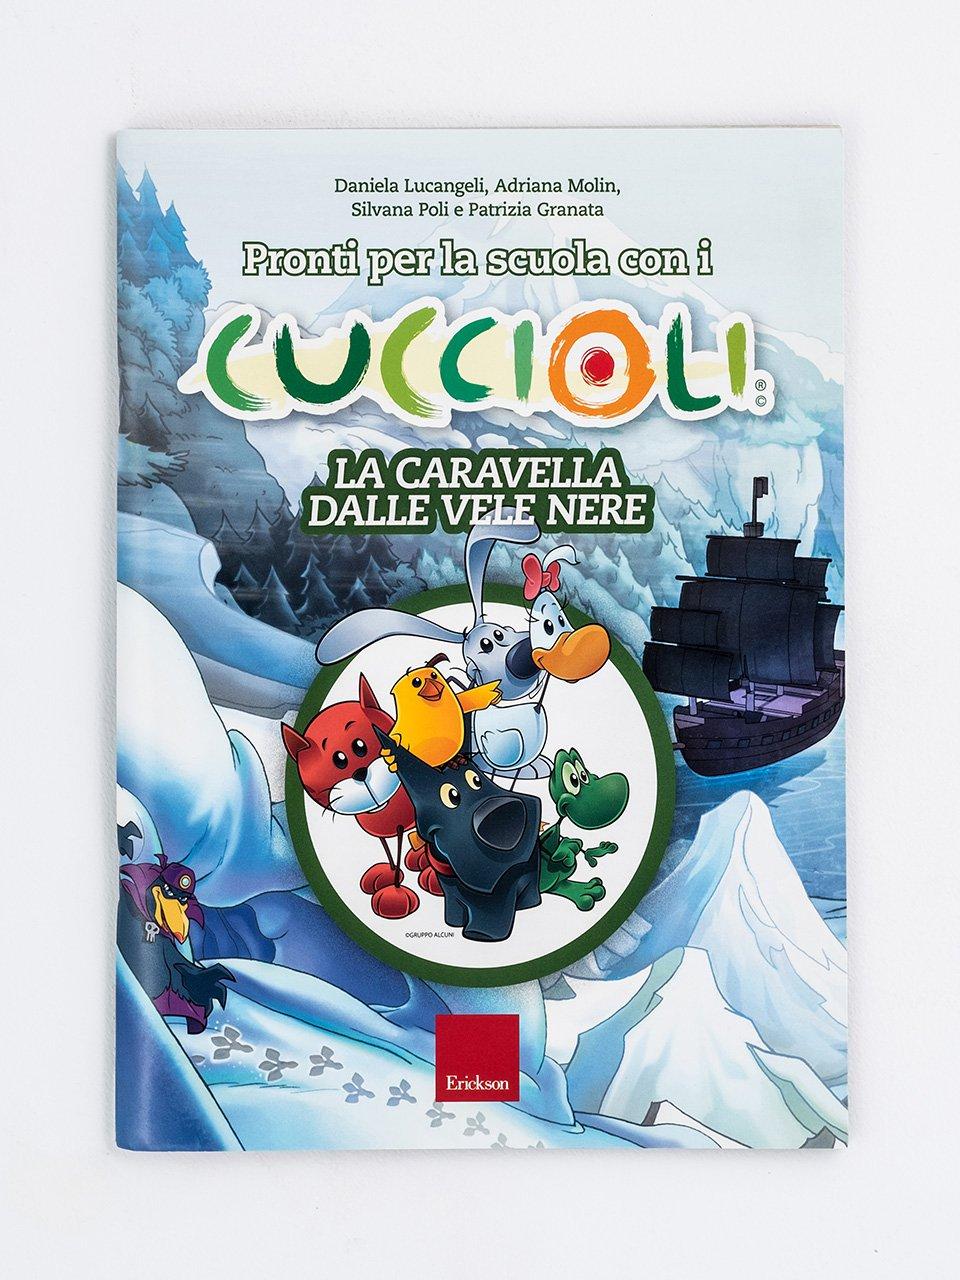 Pronti per la scuola con i CUCCIOLI - La caravella dalle vele nere - Adriana Molin - Erickson